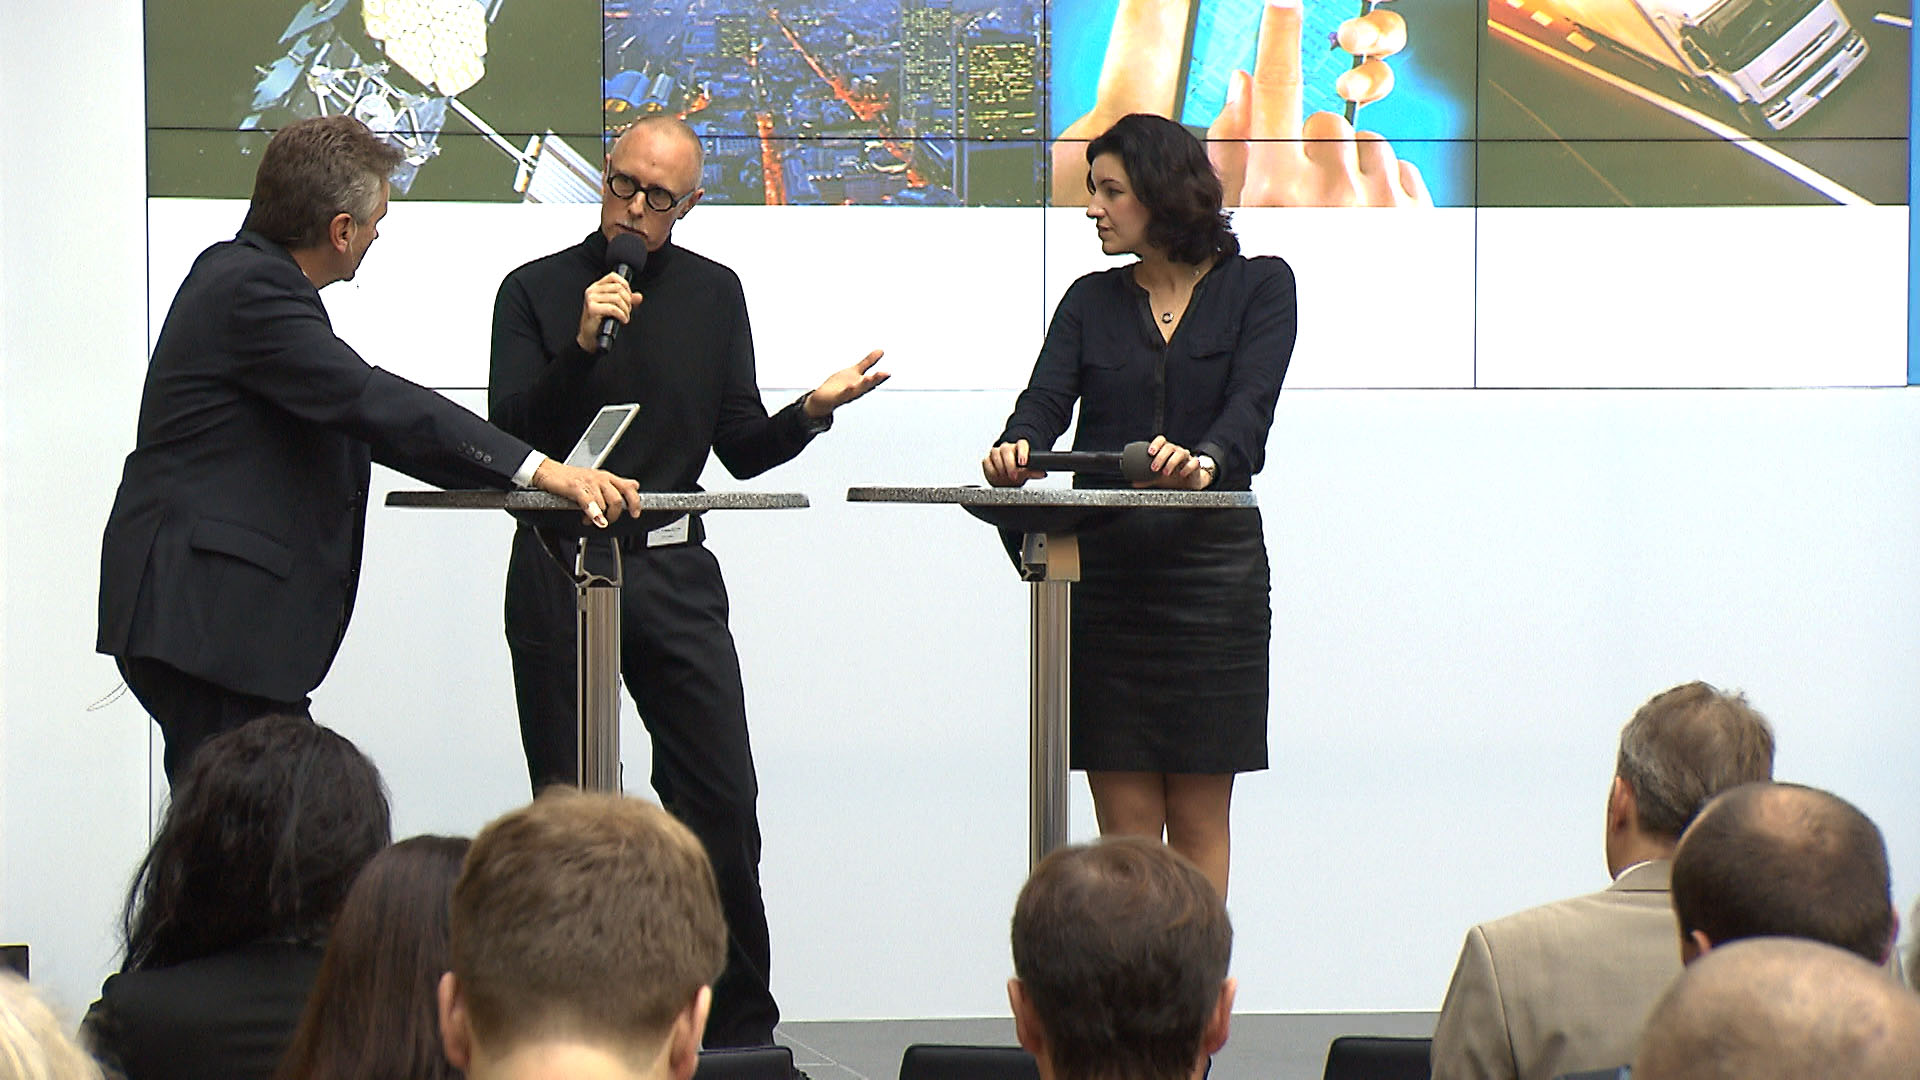 Dorothee Bär & Prof. Wolfgang Henseler: Der digitale Graben – und wie man ihn schließen kann